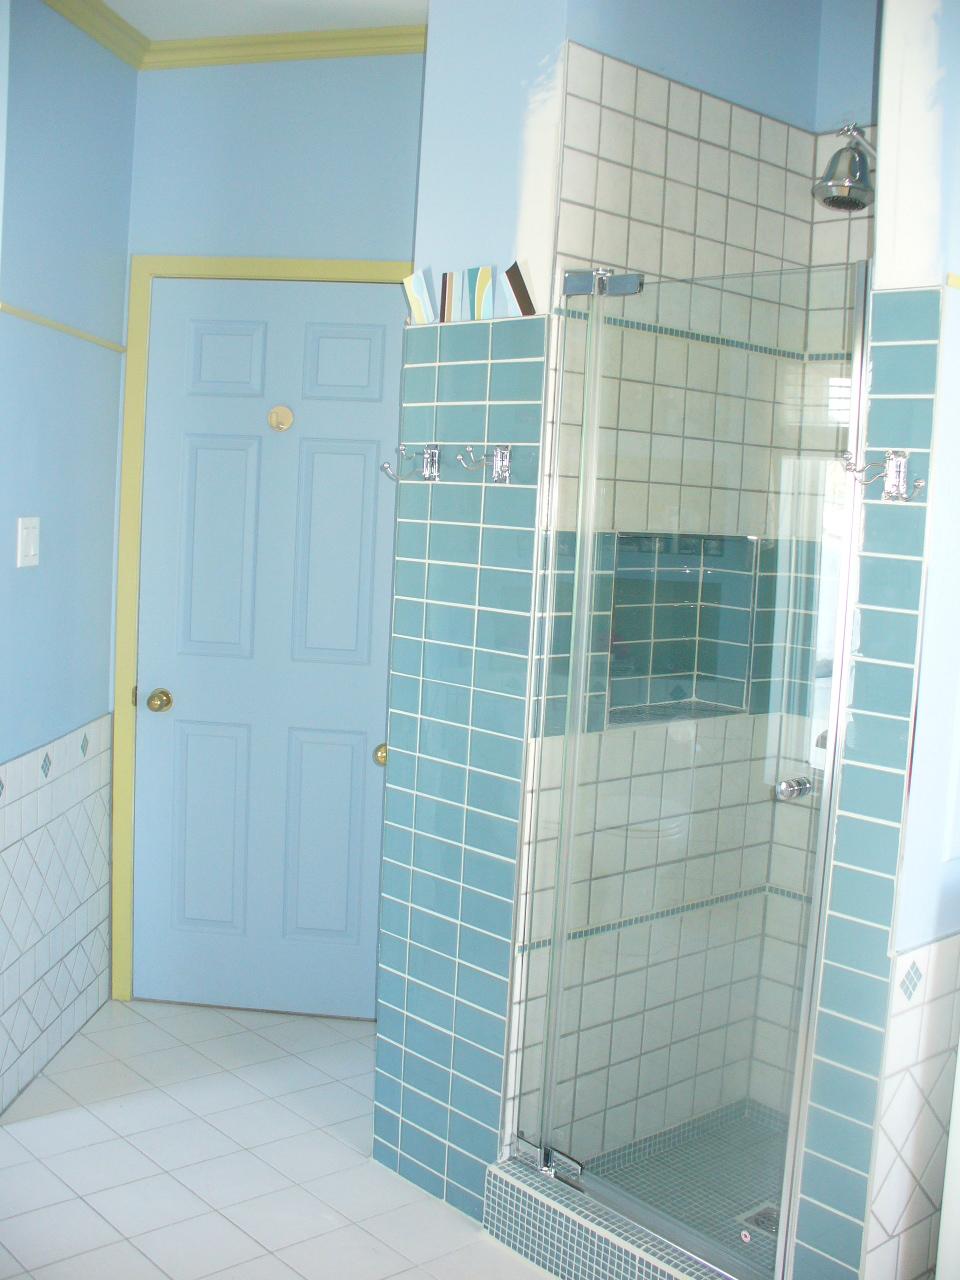 Carrelage salle de bain 2 multi services ec for Carrelage en ceramique